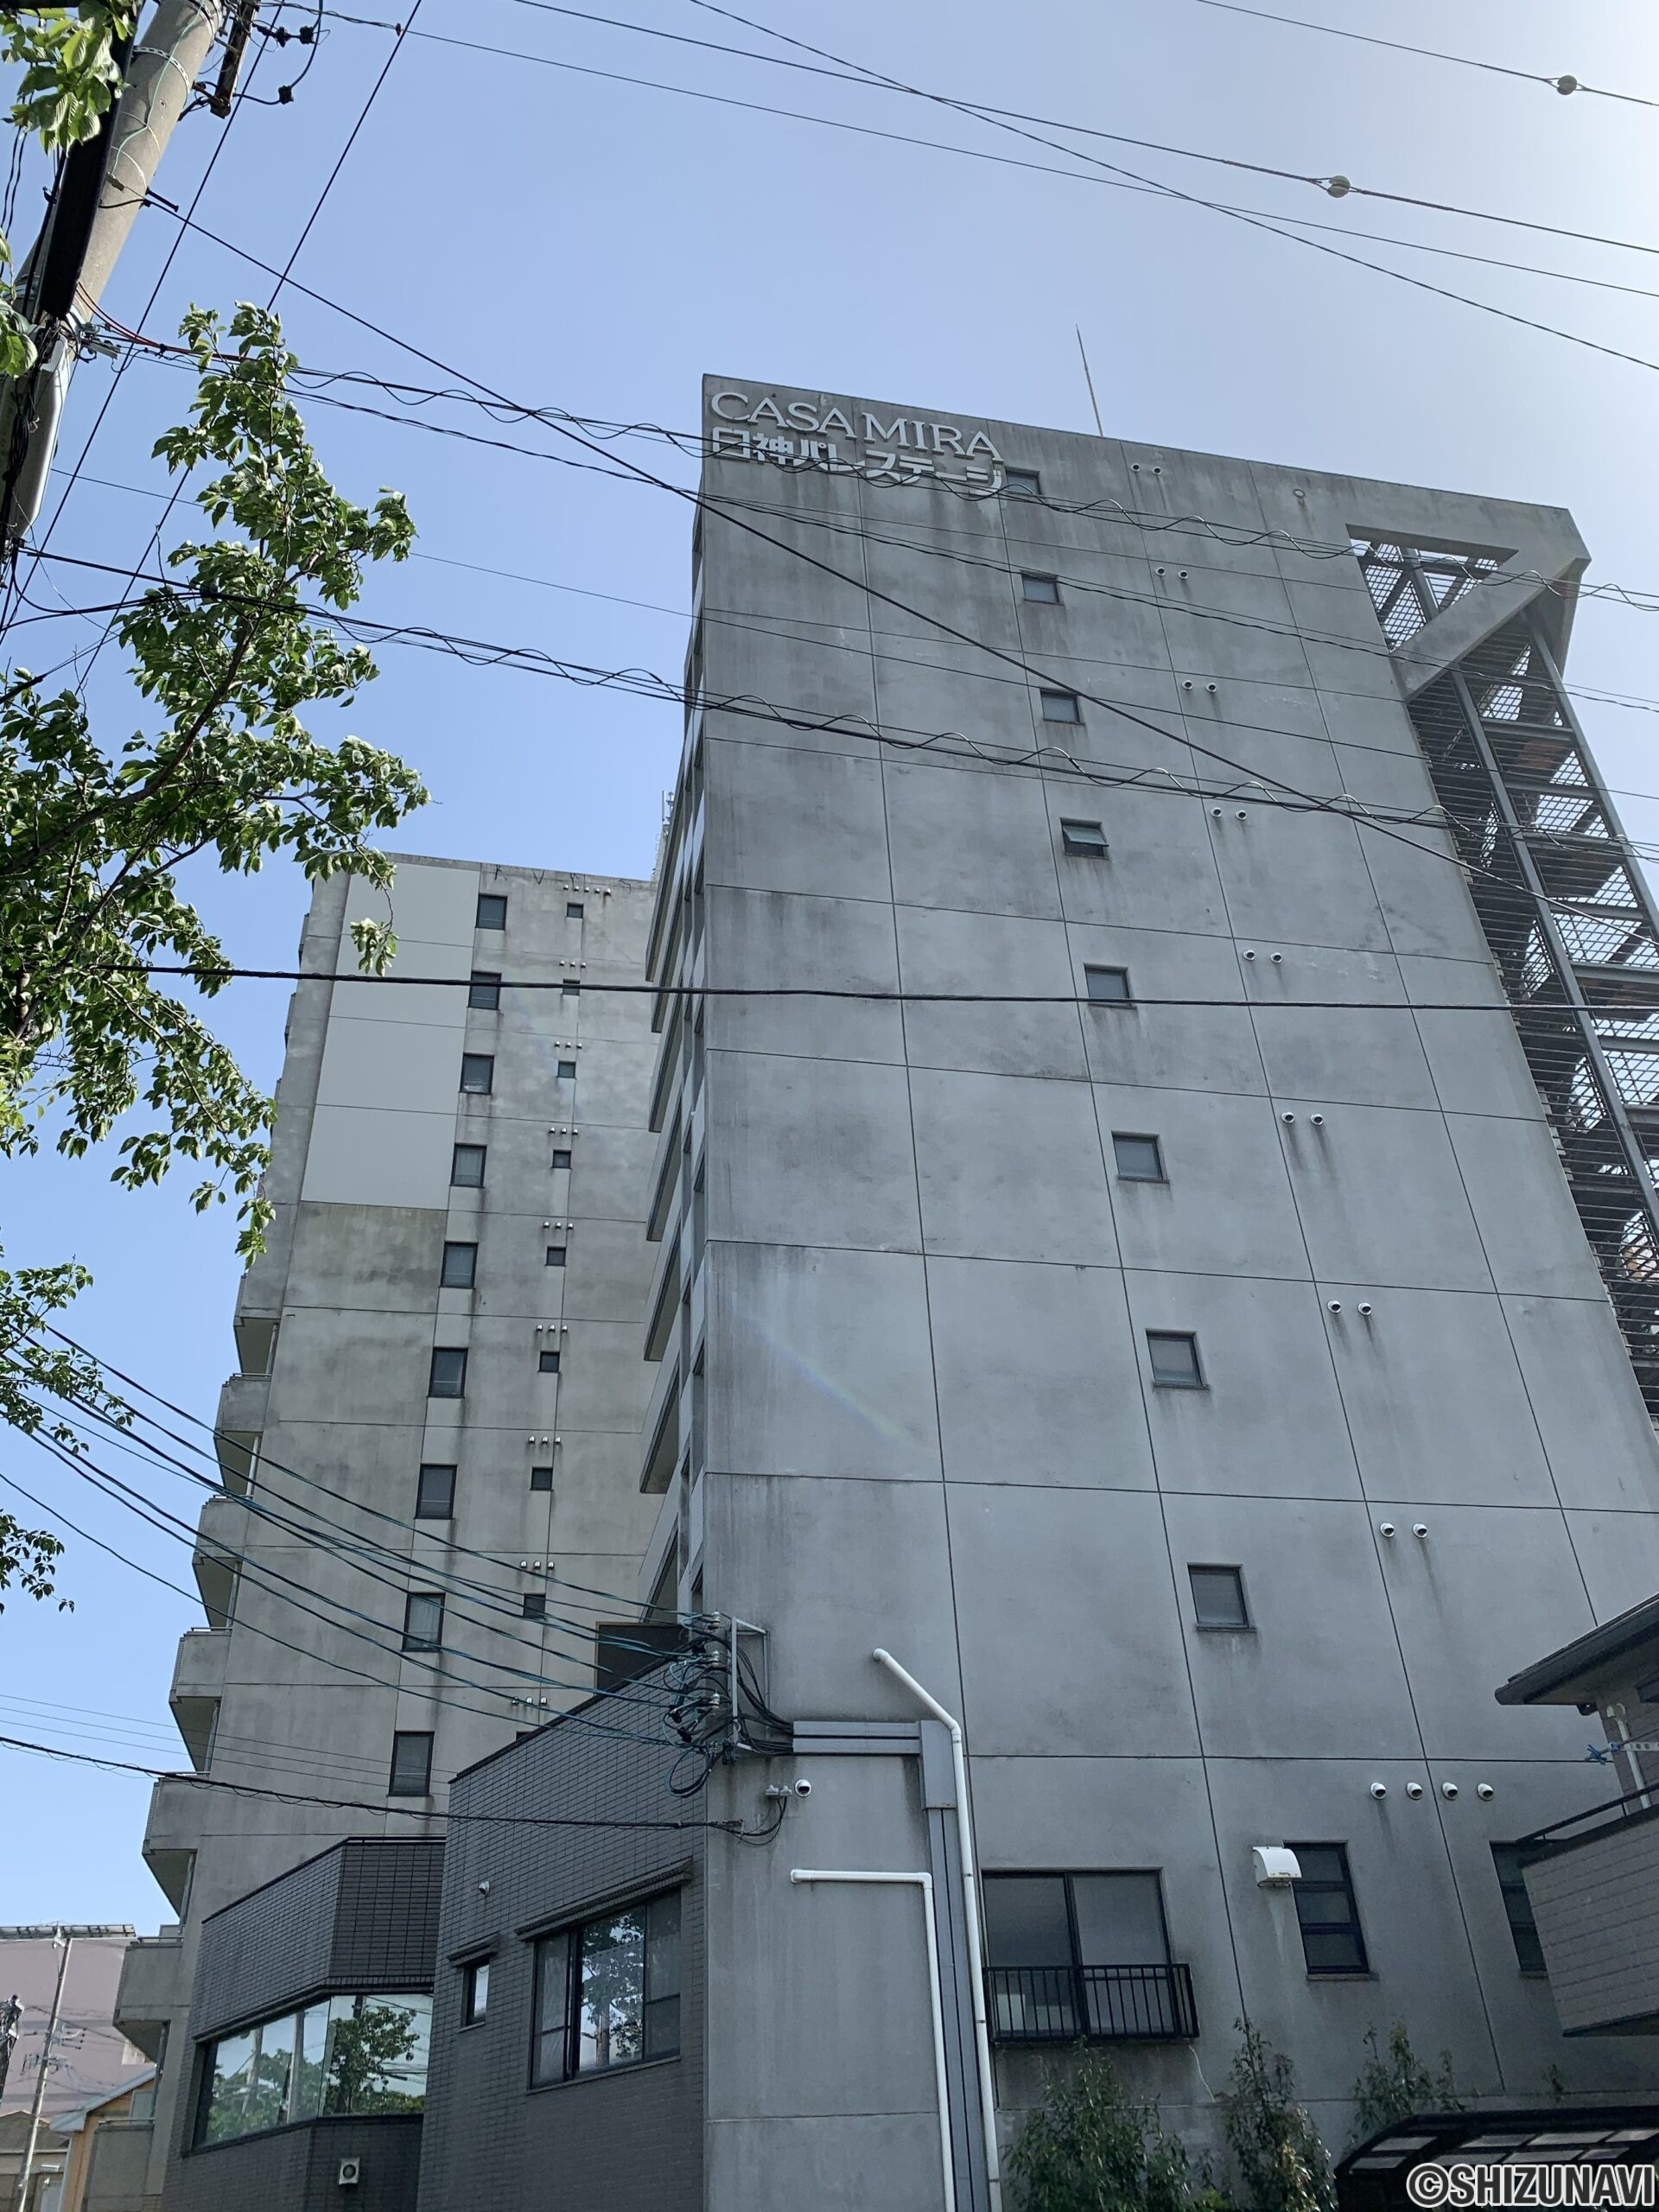 中区北寺島町 区分マンション1K オーナーチェンジ物件